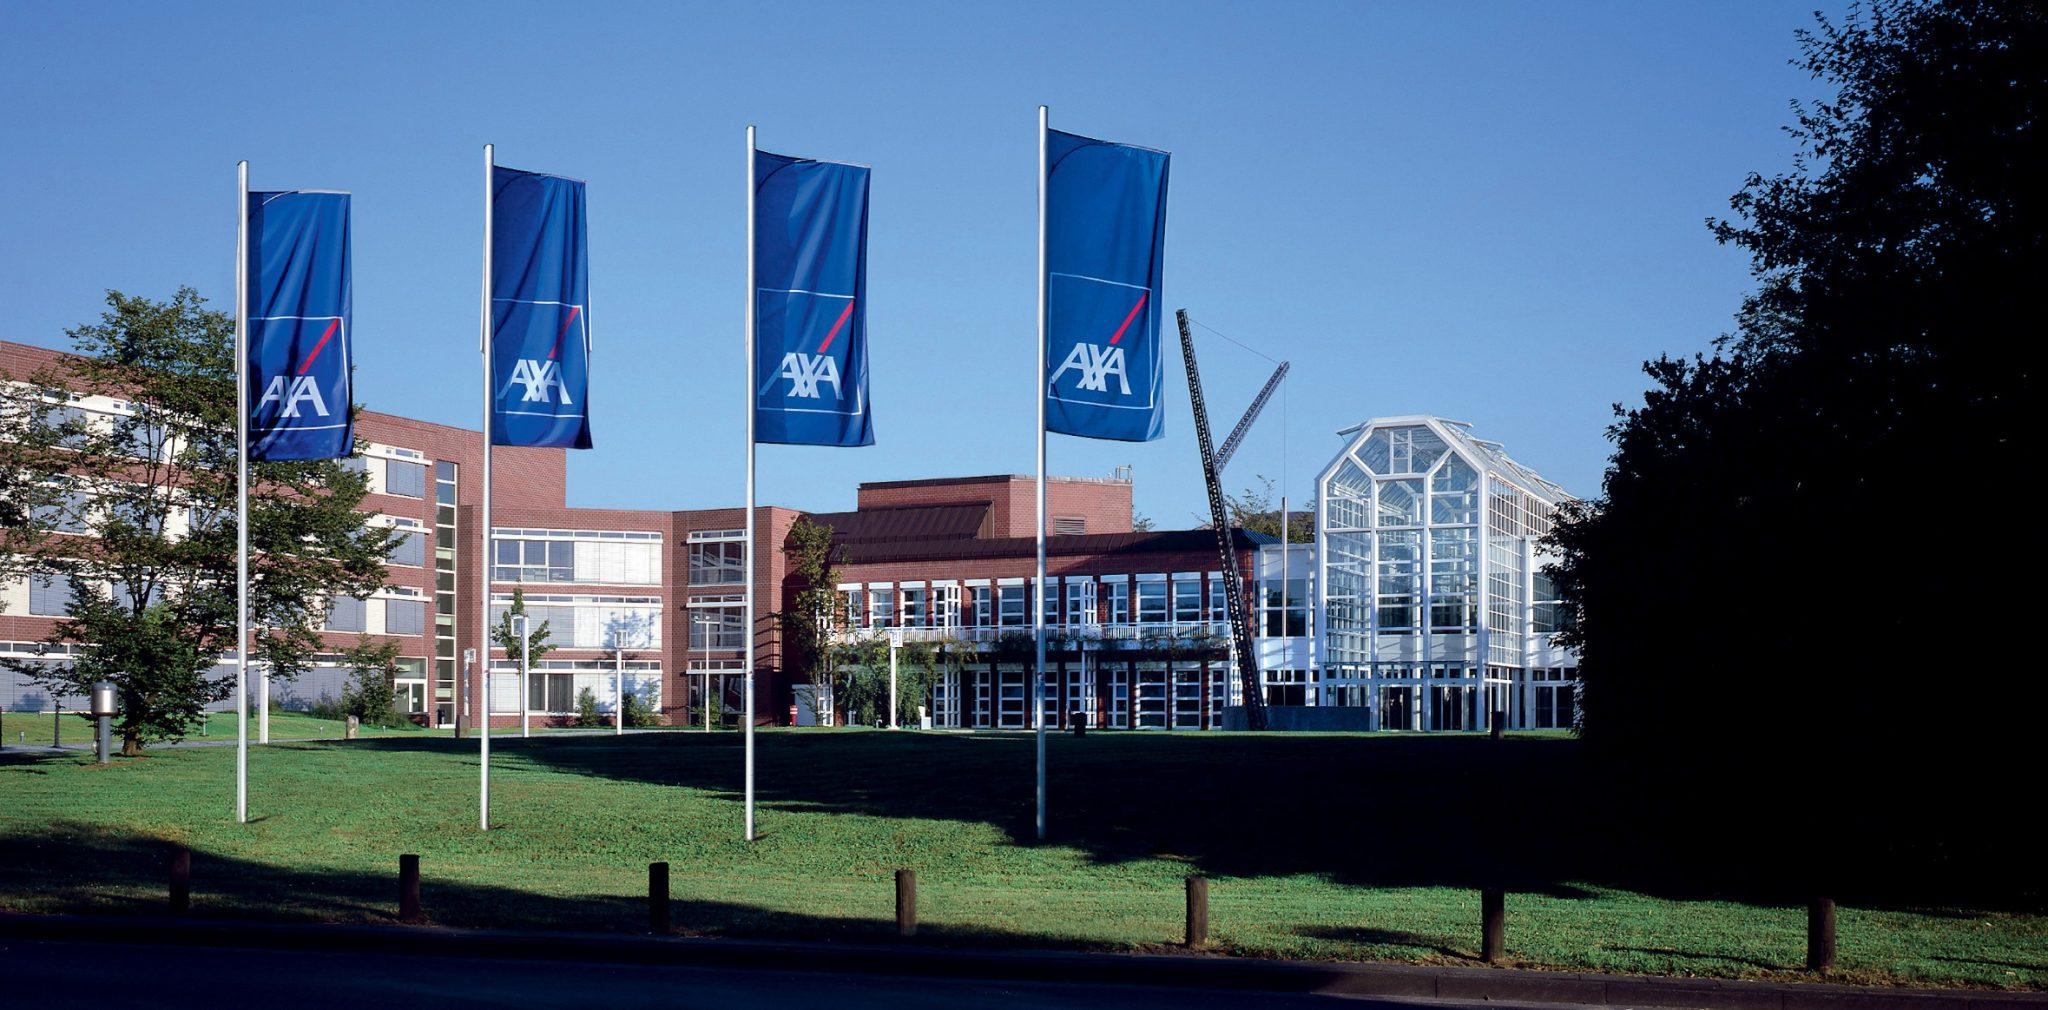 Hier würden Sie das AXA Hauptverwaltungsgebäude sehen